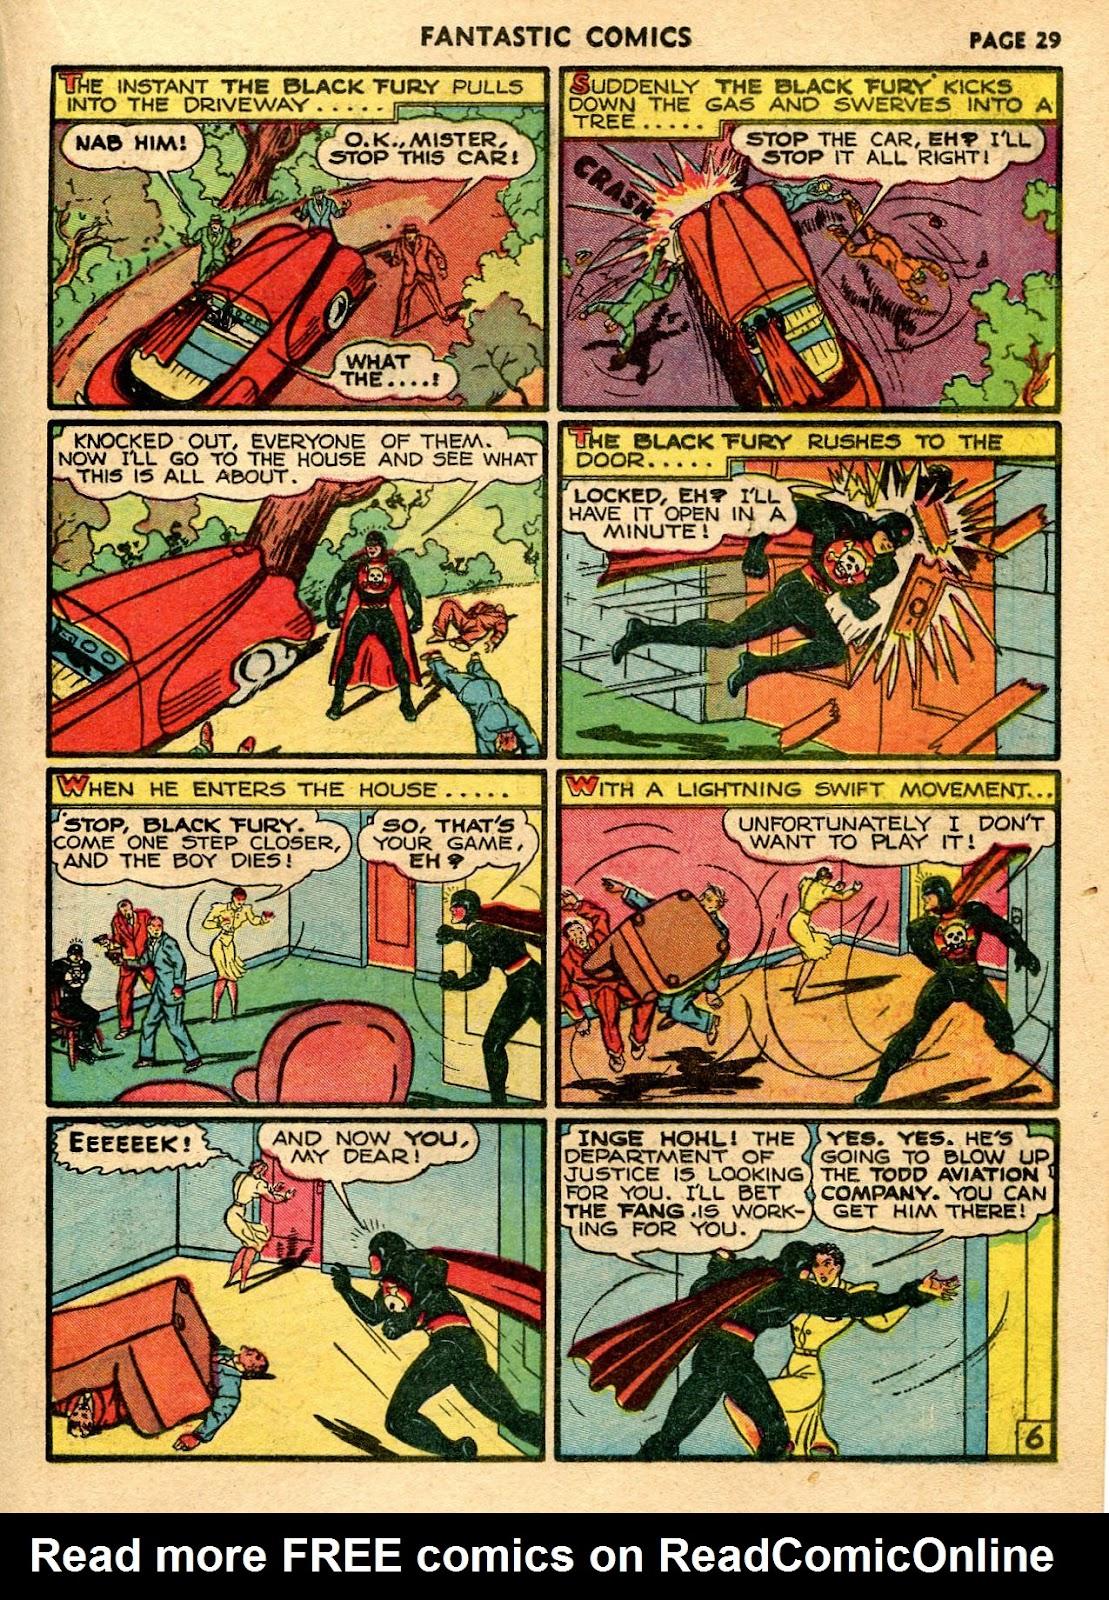 Read online Fantastic Comics comic -  Issue #21 - 31